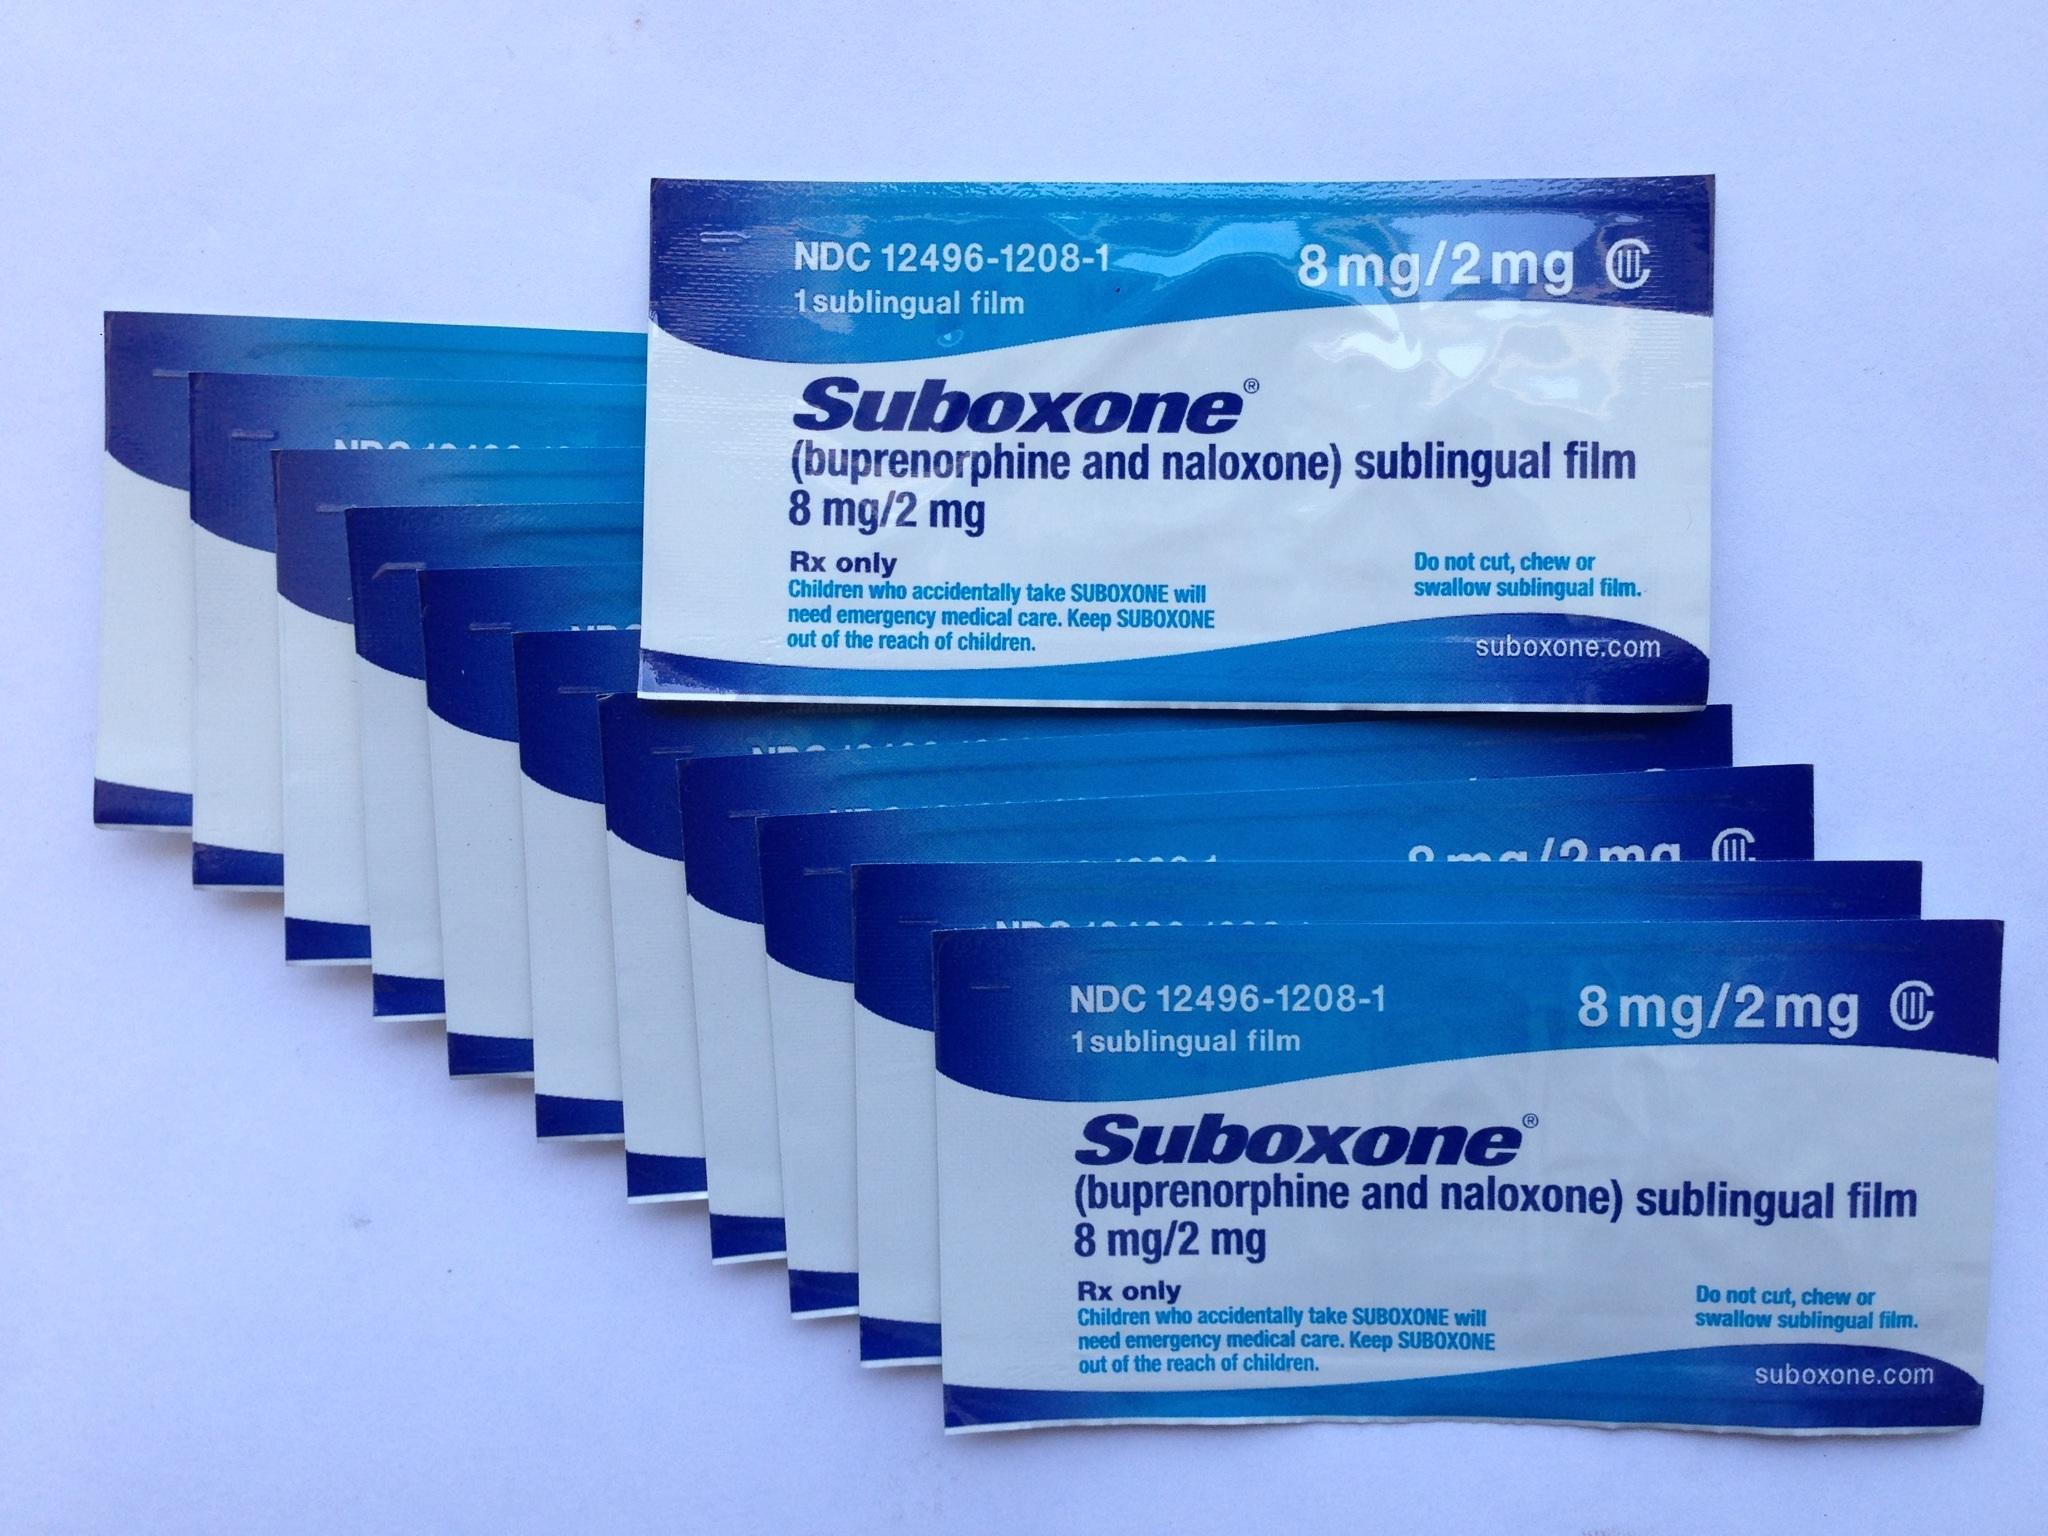 Un fármaco a base de buprenorphine contra la adicción.